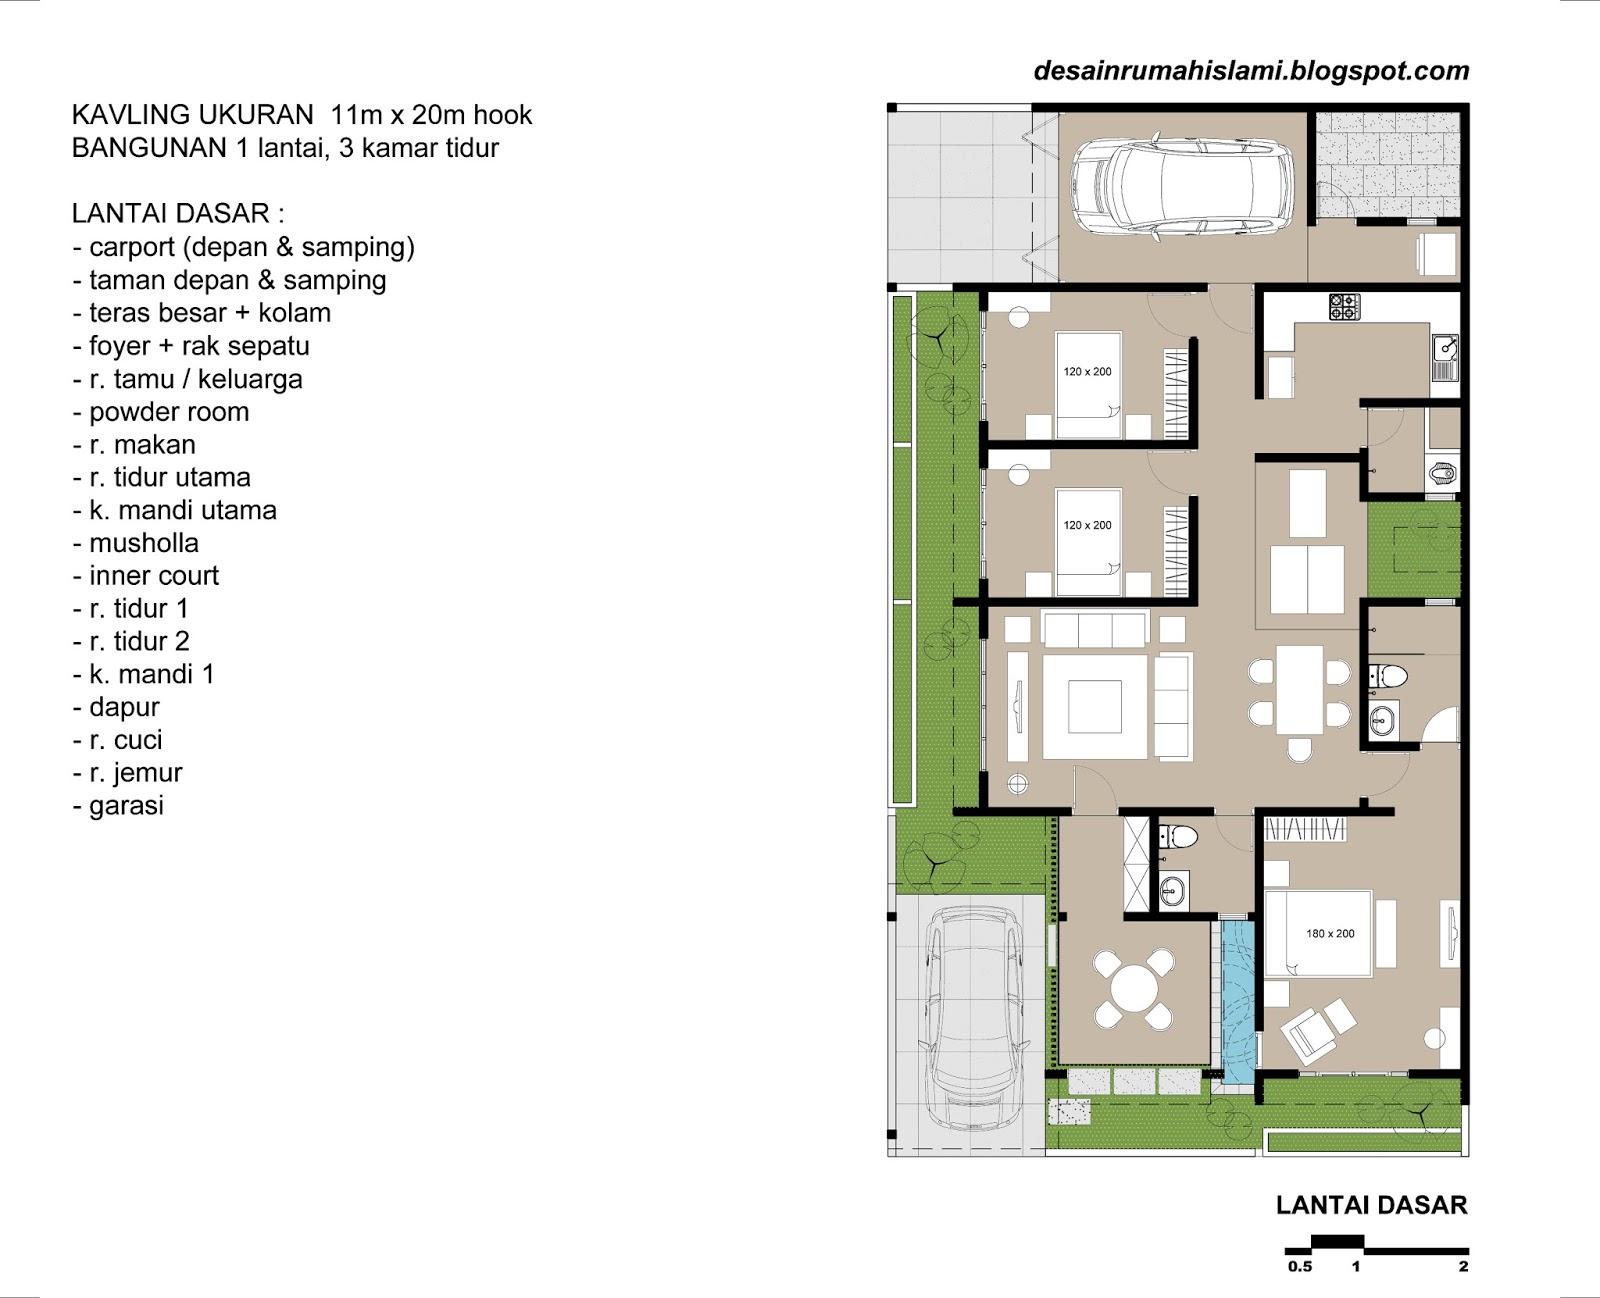 Desain Rumah 1 Lantai Hook posisi sudut dengan 3 Kamar